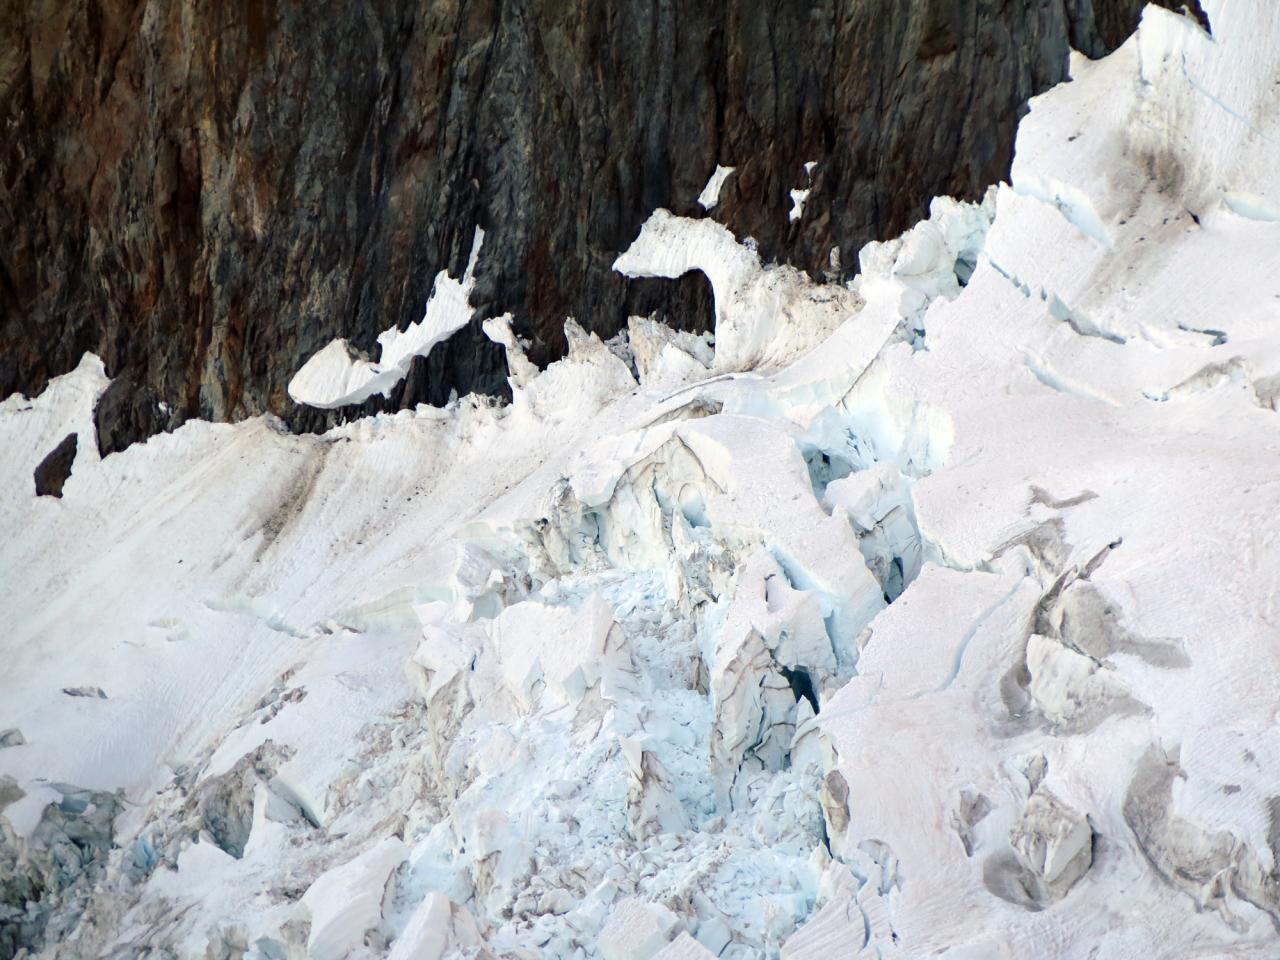 Il ghiacciaio del Freney verso il colle dell'innominata